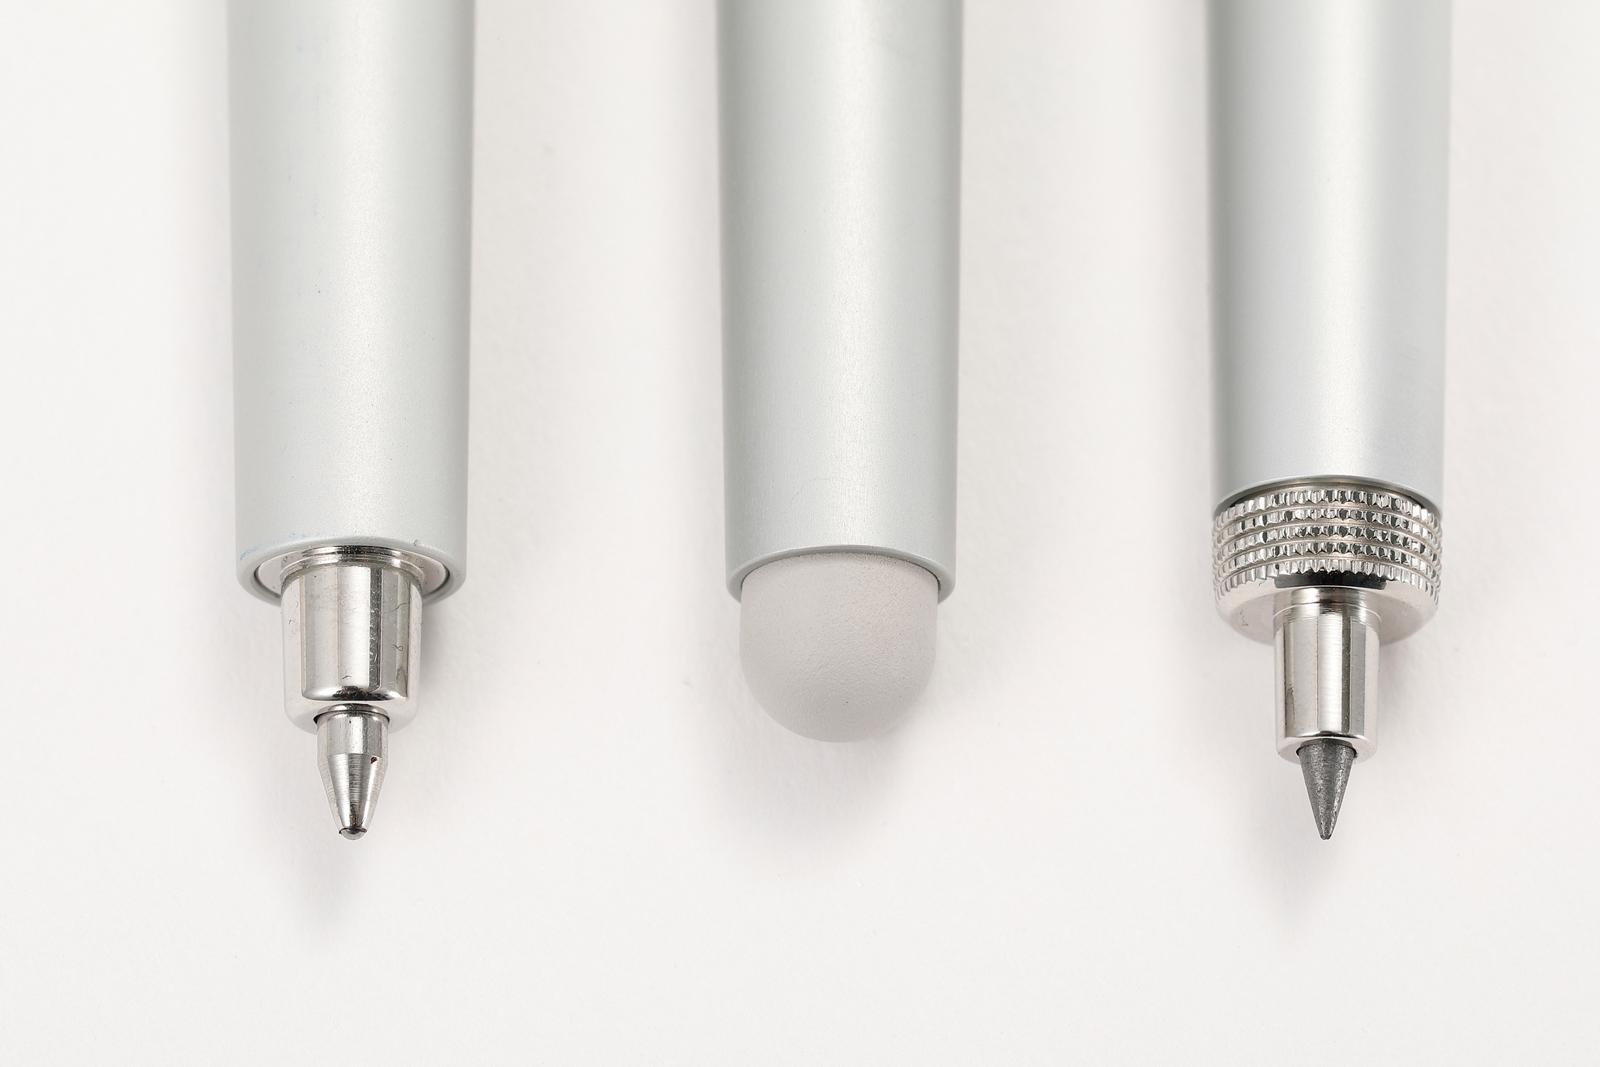 ↑ペン部分はペンシル、スタイラス、ボールペンの3種類を用意。好きなものを選べる